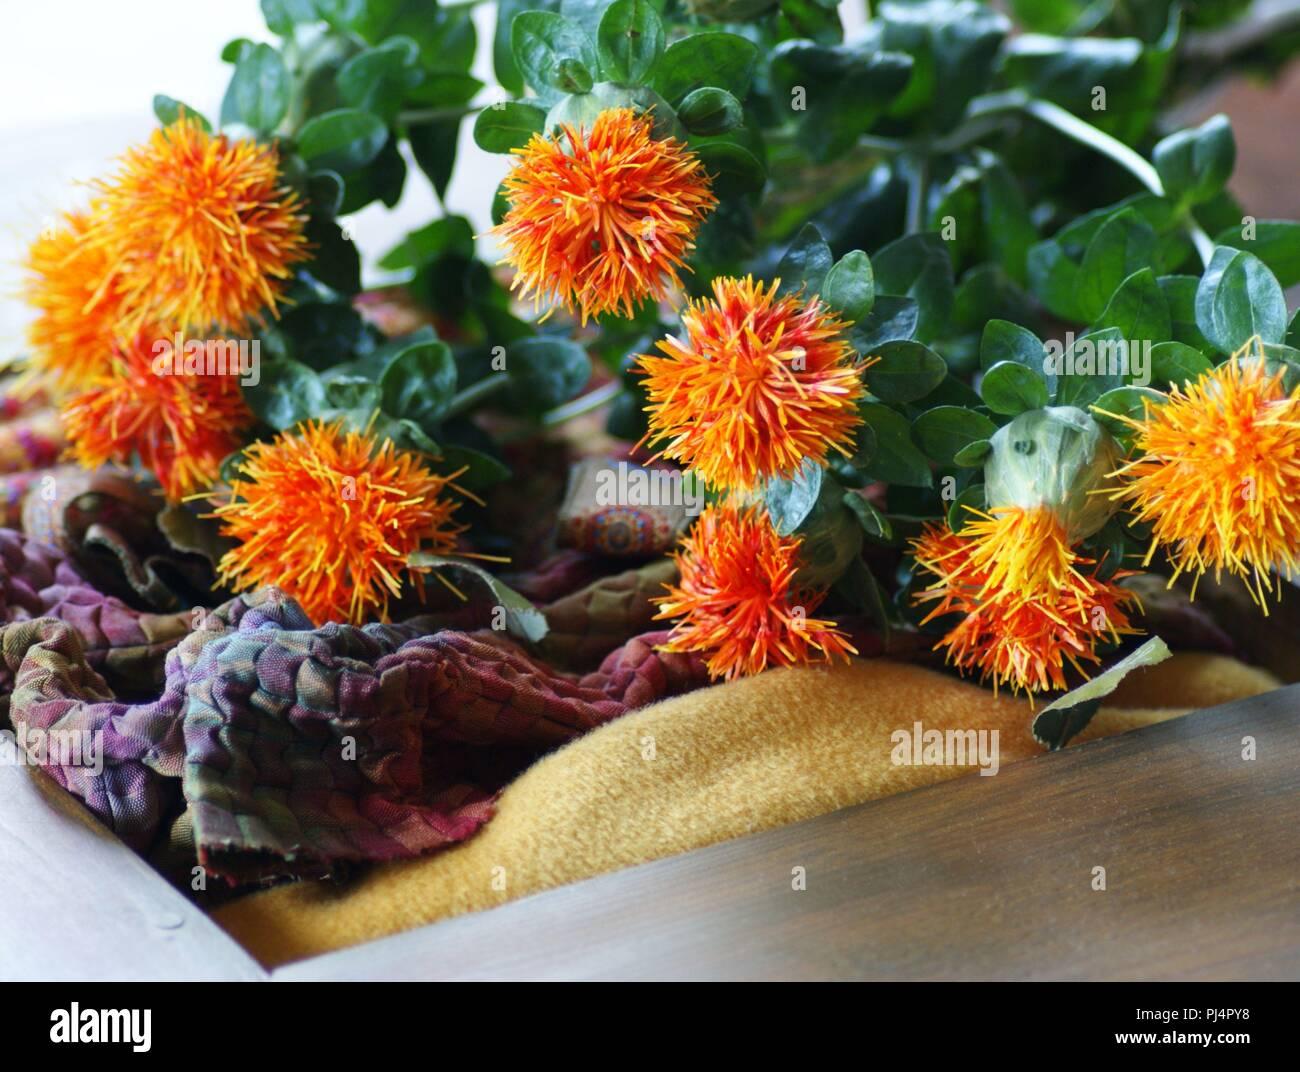 Fleurs naranjas de Carthamus tinctorius dans la decoración de la onu de tissus en soie, flores anaranjadas de Carthamus tinctorius en anu decoración de tela de seda, Imagen De Stock